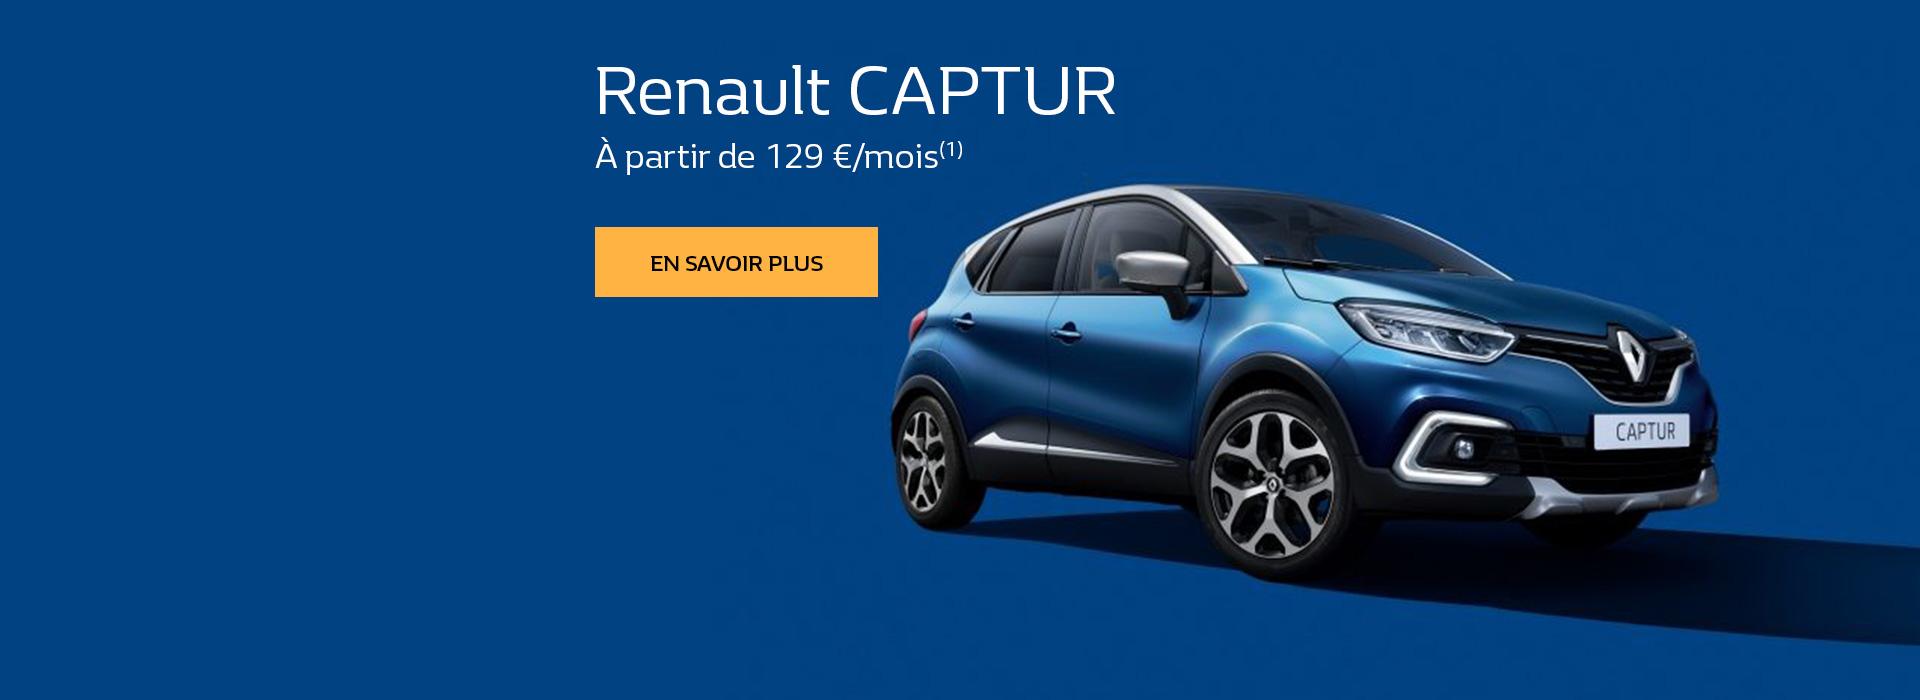 Renault Sélestat Vente De Voiture Neuve Et Occasion